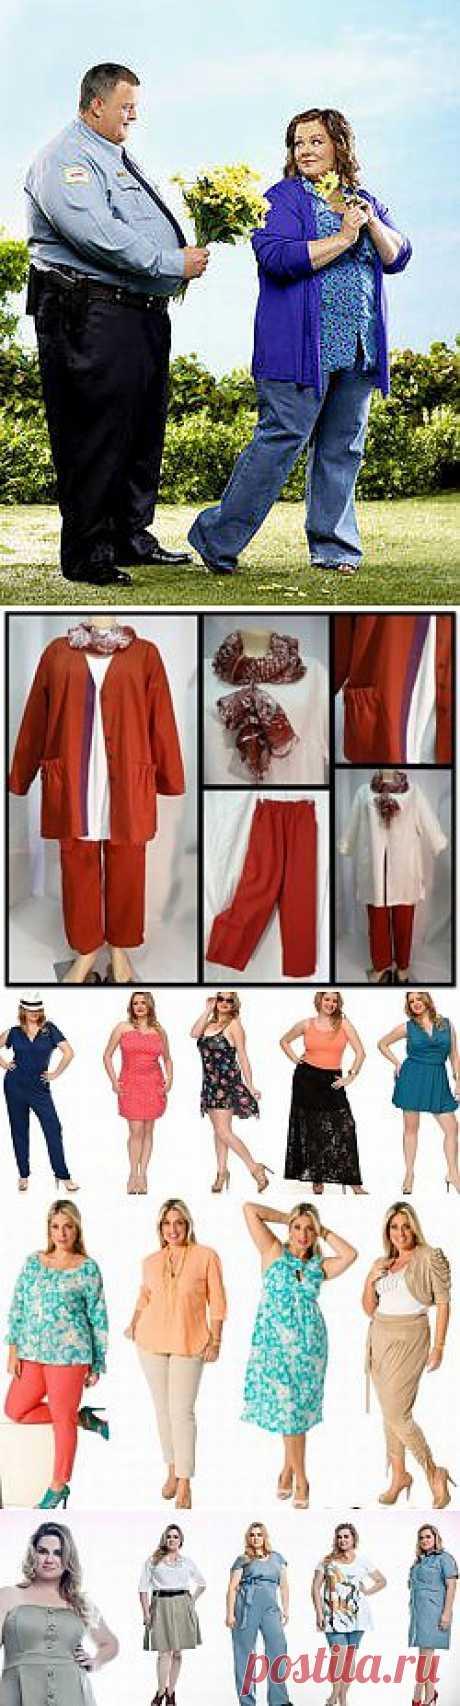 Летняя коллекция женской одежды больших размеров. Часть 1